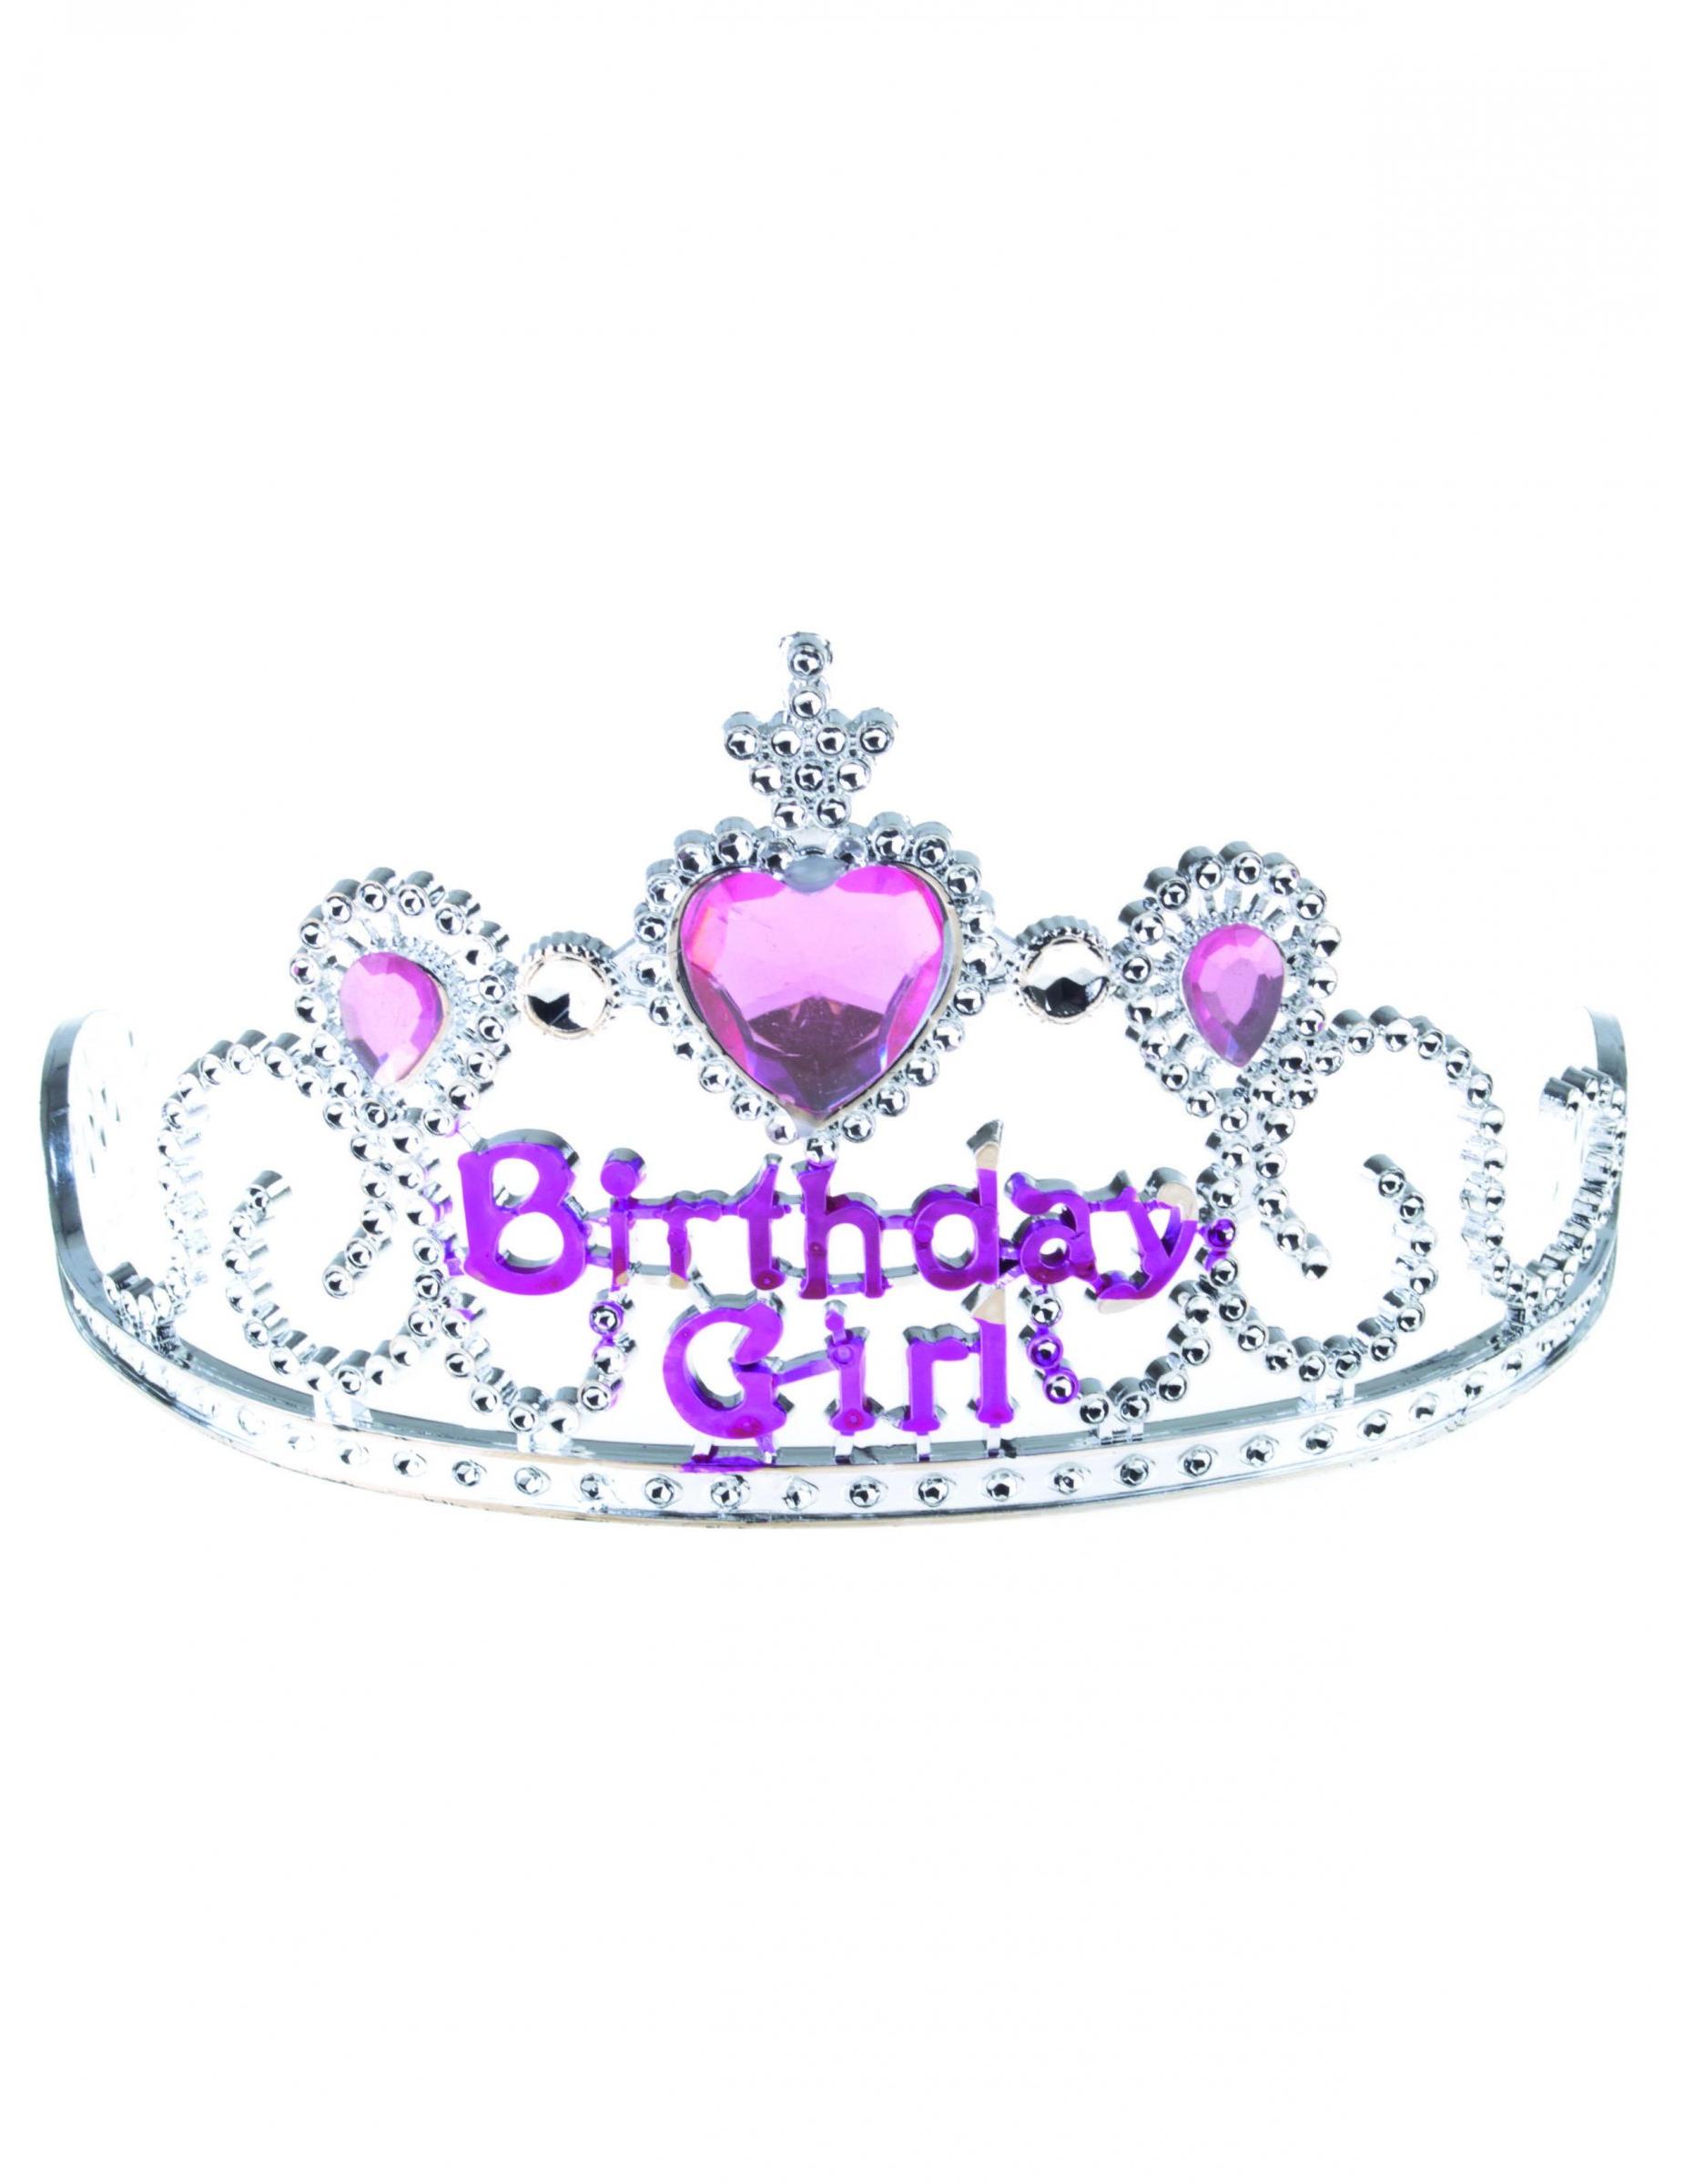 mejores zapatos ropa deportiva de alto rendimiento incomparable Diadema de princesa Birthday girl plateada y rosa